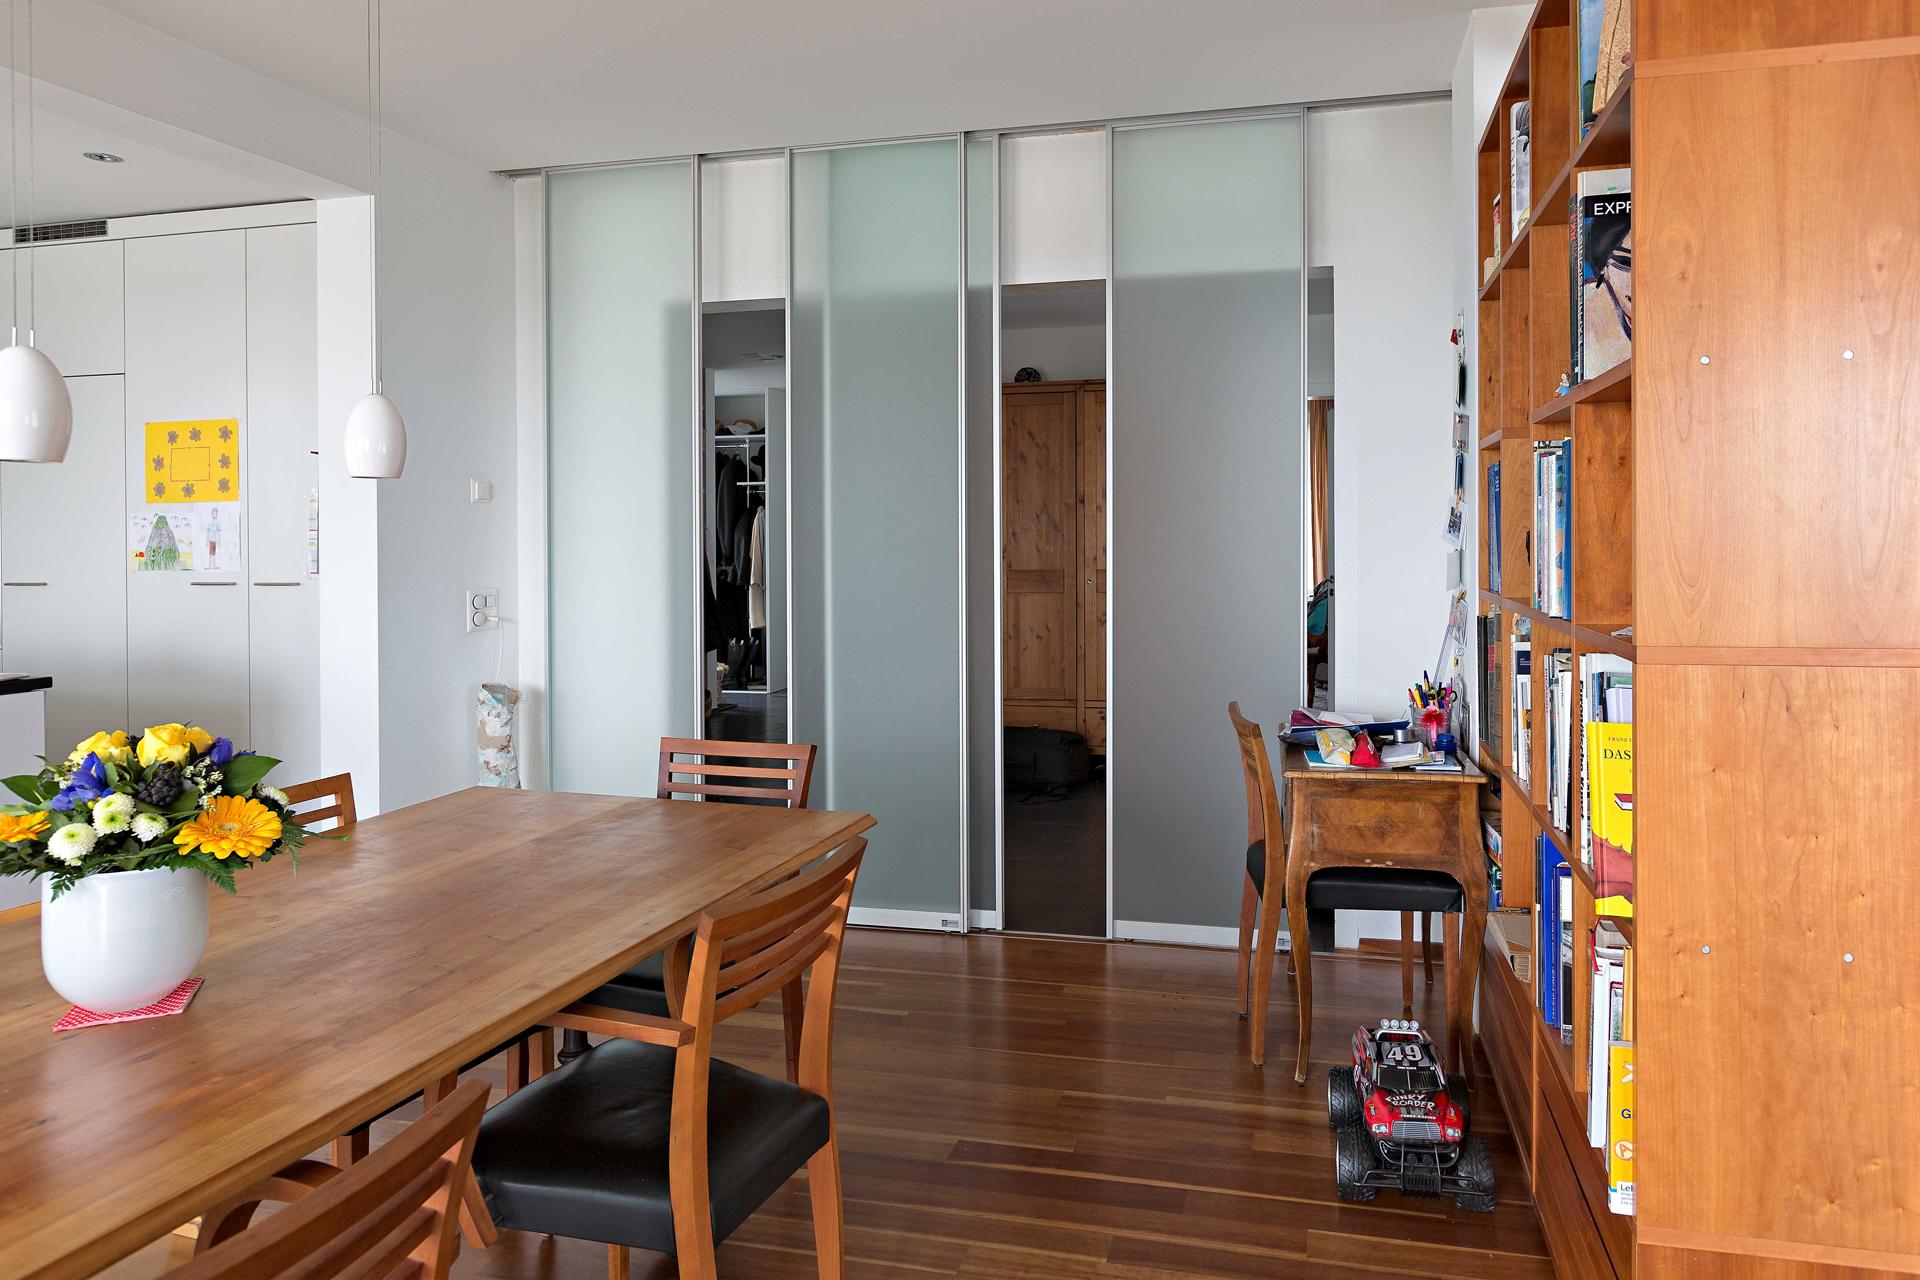 Schiebetüren Als Raumteiler raumteiler aus vier schiebetüren in glas zwischen flur und